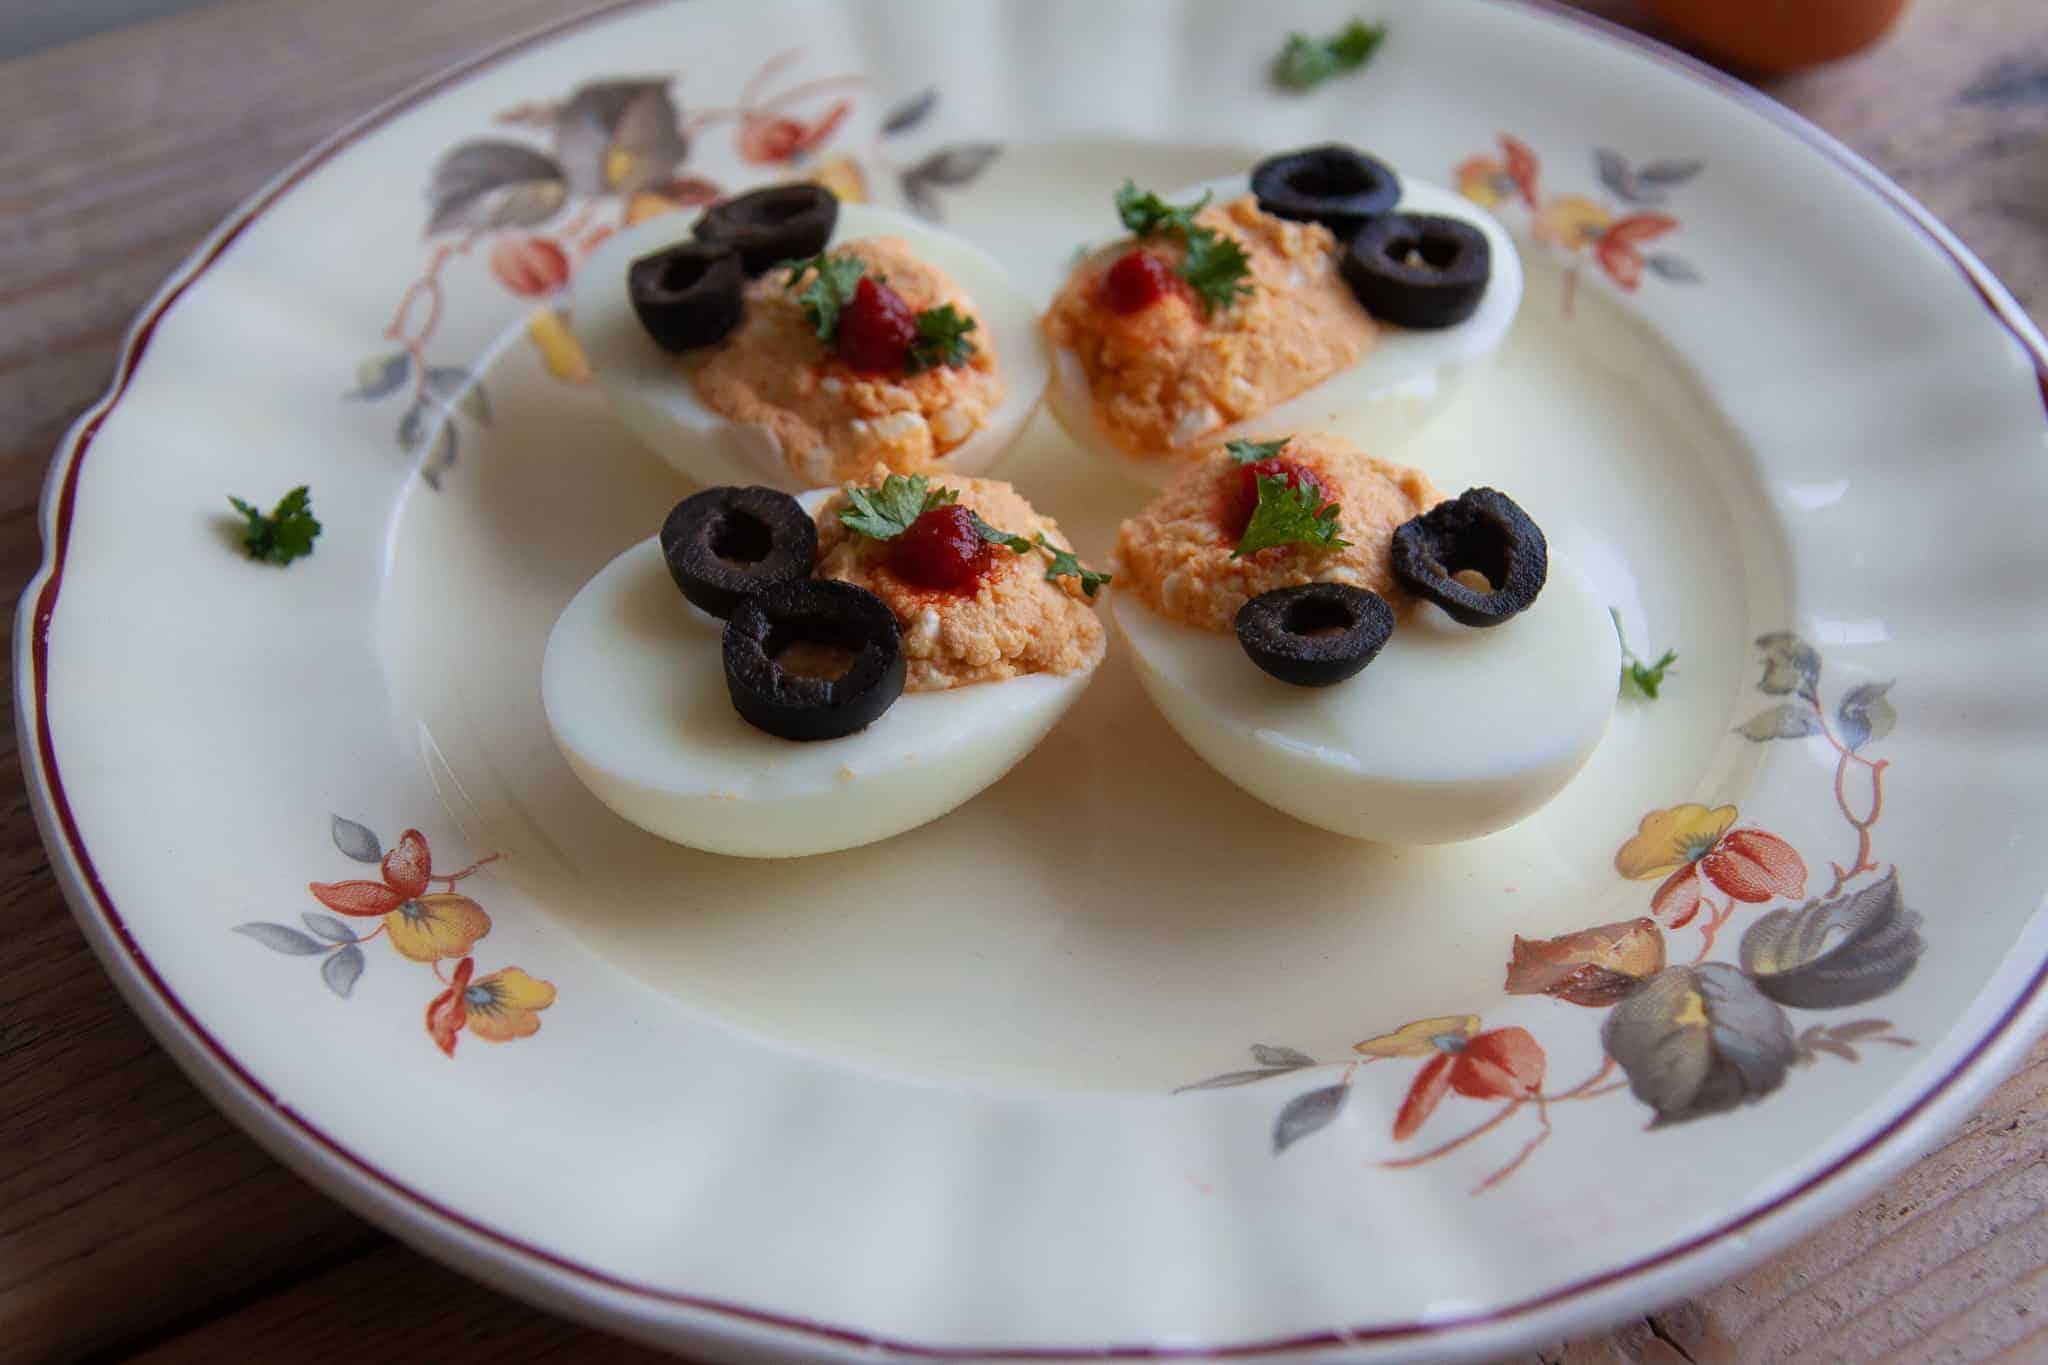 Gevulde eitjes ouderwets om te serveren bij de borrel? Niks hoor, eieren zijn gezond en voedzaam en met deze sriracha saus een feestje bij je borrel.